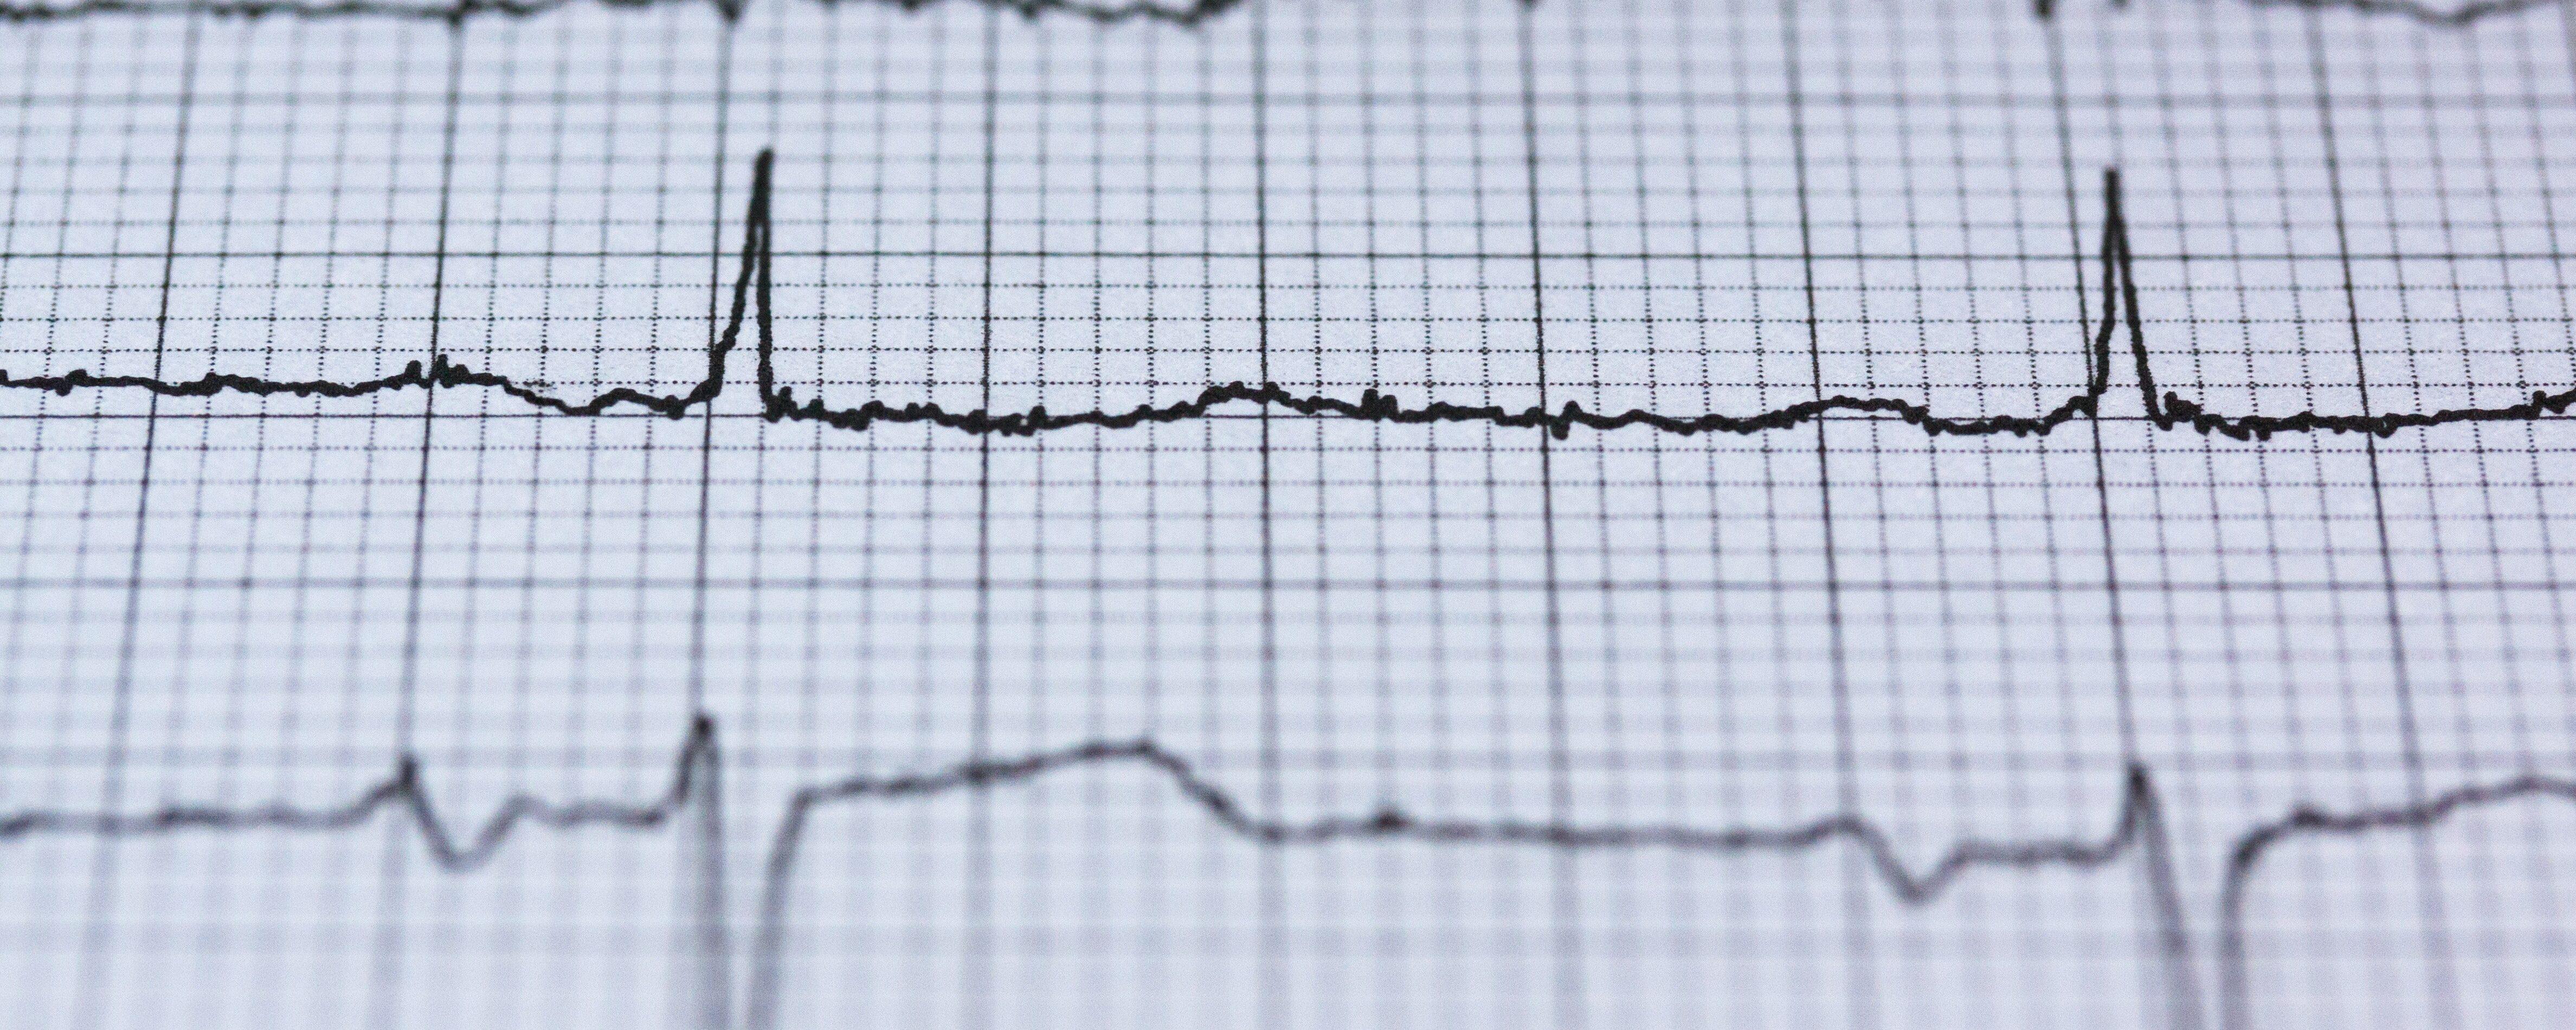 La EMS aumenta la capacidad del ventrículo izquierdo y el pico de consumo de oxígeno en pacientes con insuficiencia cardíaca crónica.